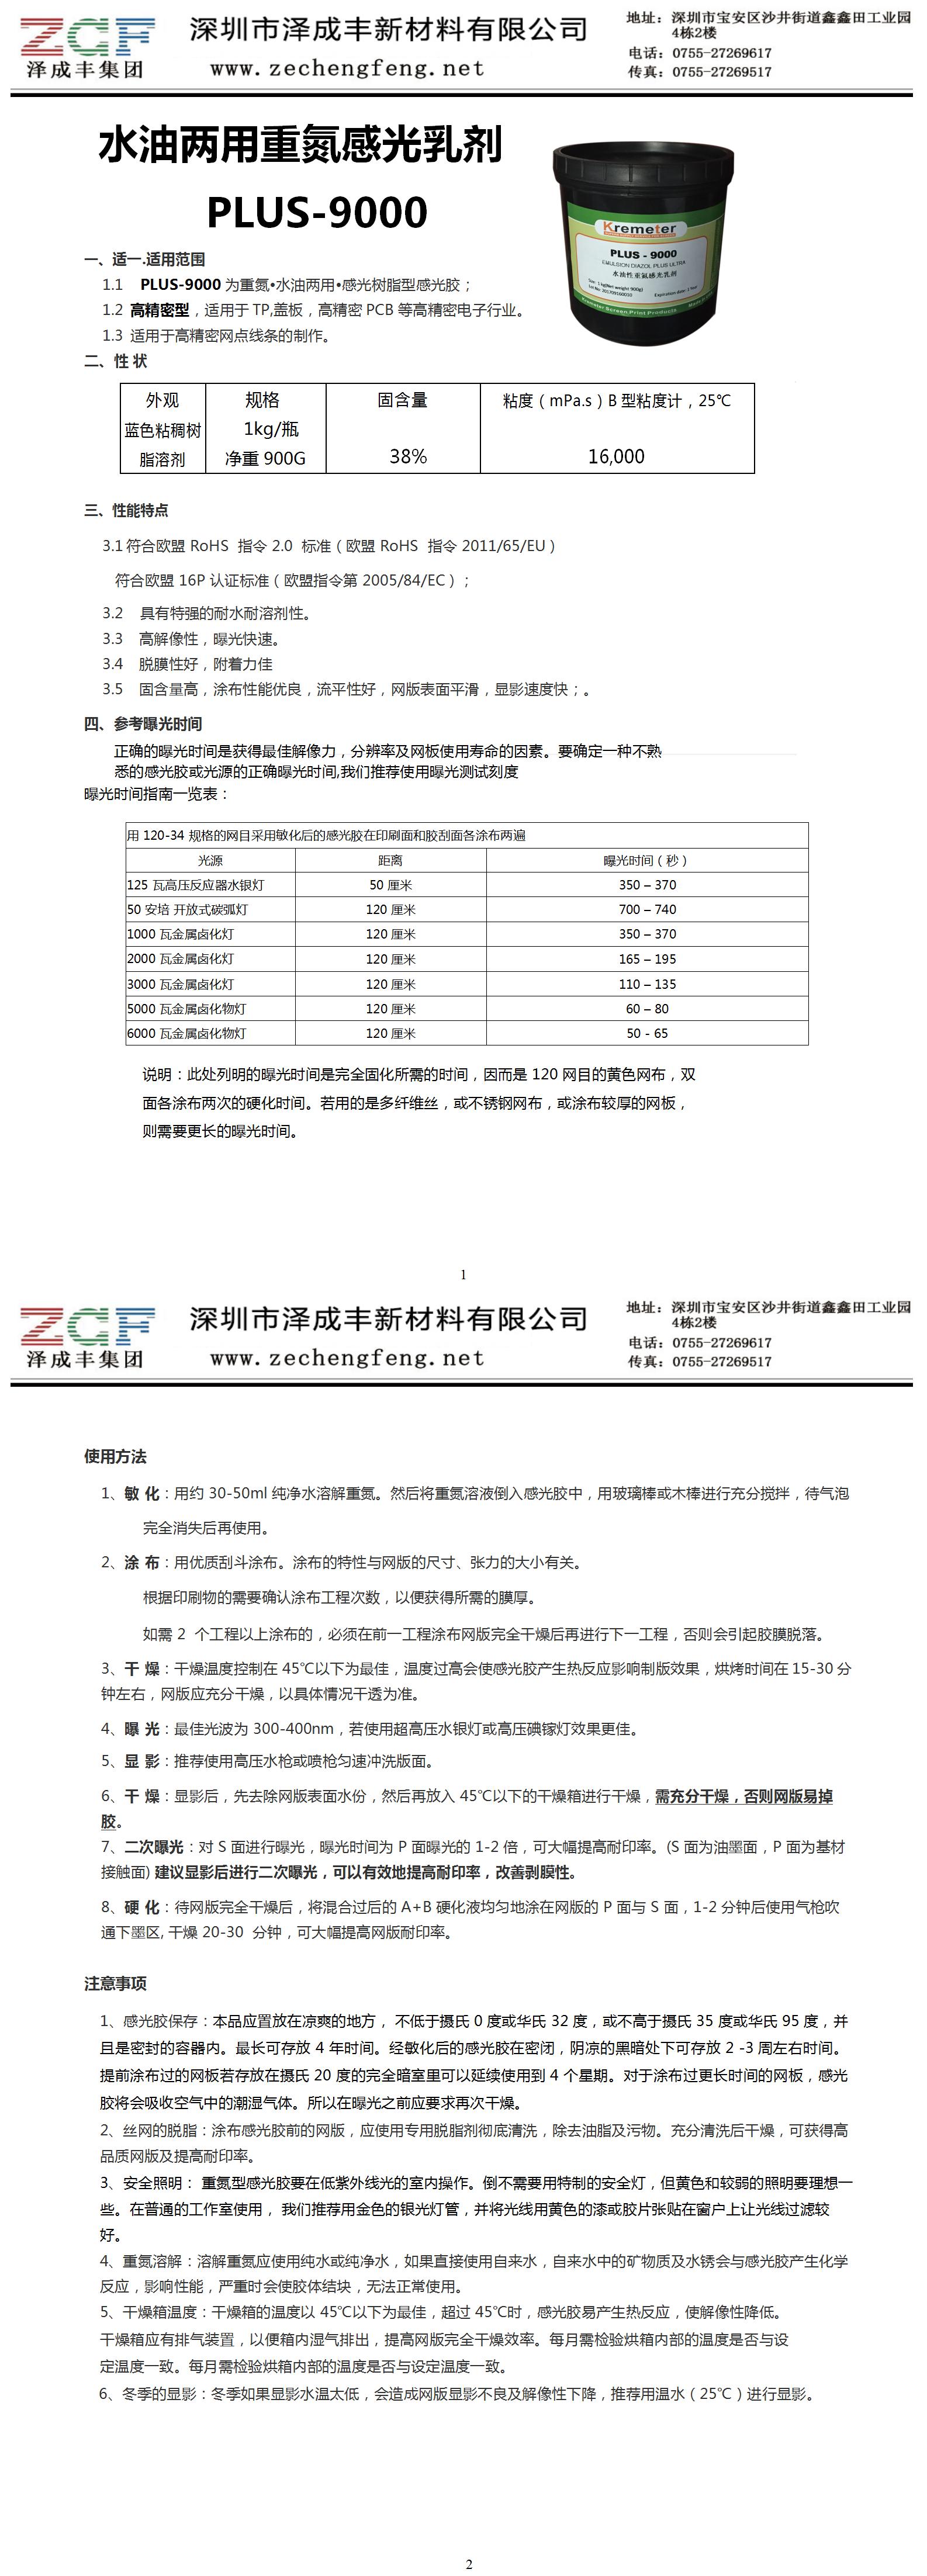 http://www.zechengfeng.net/images/admin/upload/20200109/bb5f5558a32ad9de3a54846a6fe70848.png